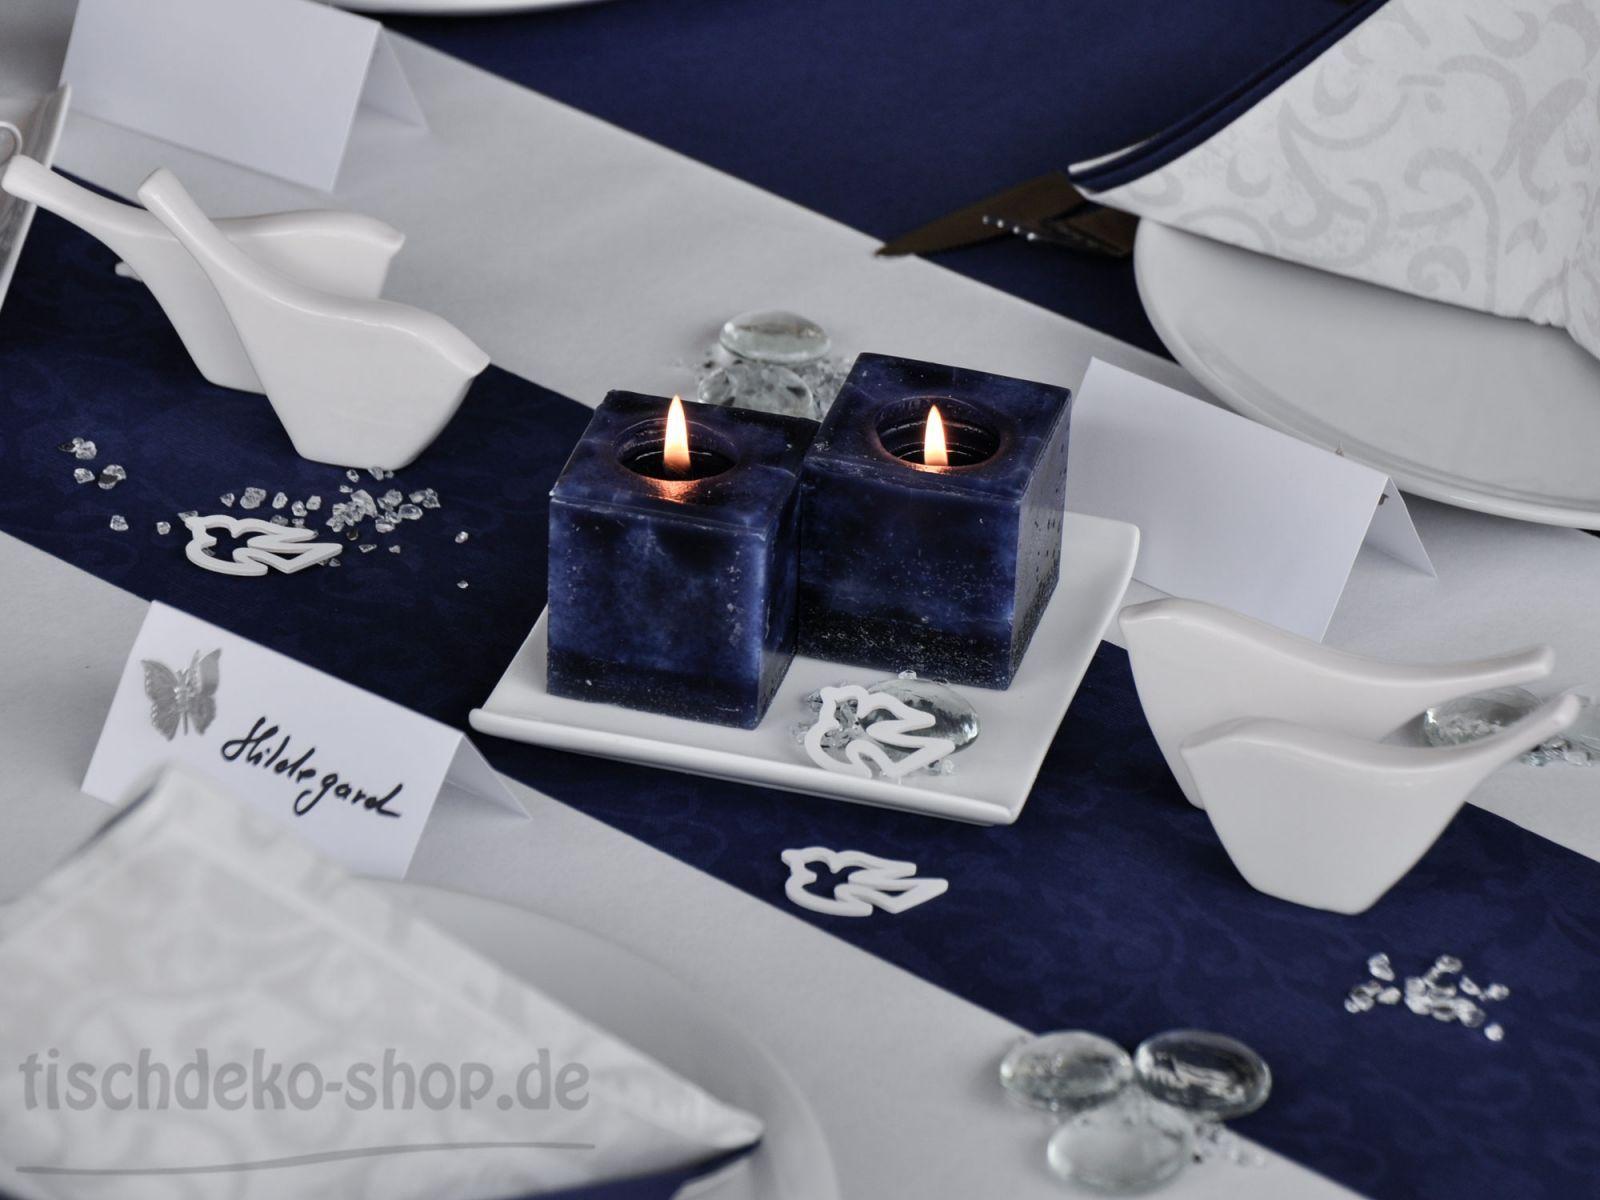 tischdeko blau wei mit porzellan v geln tischdeko taufe pinterest wedding blue hochzeit. Black Bedroom Furniture Sets. Home Design Ideas